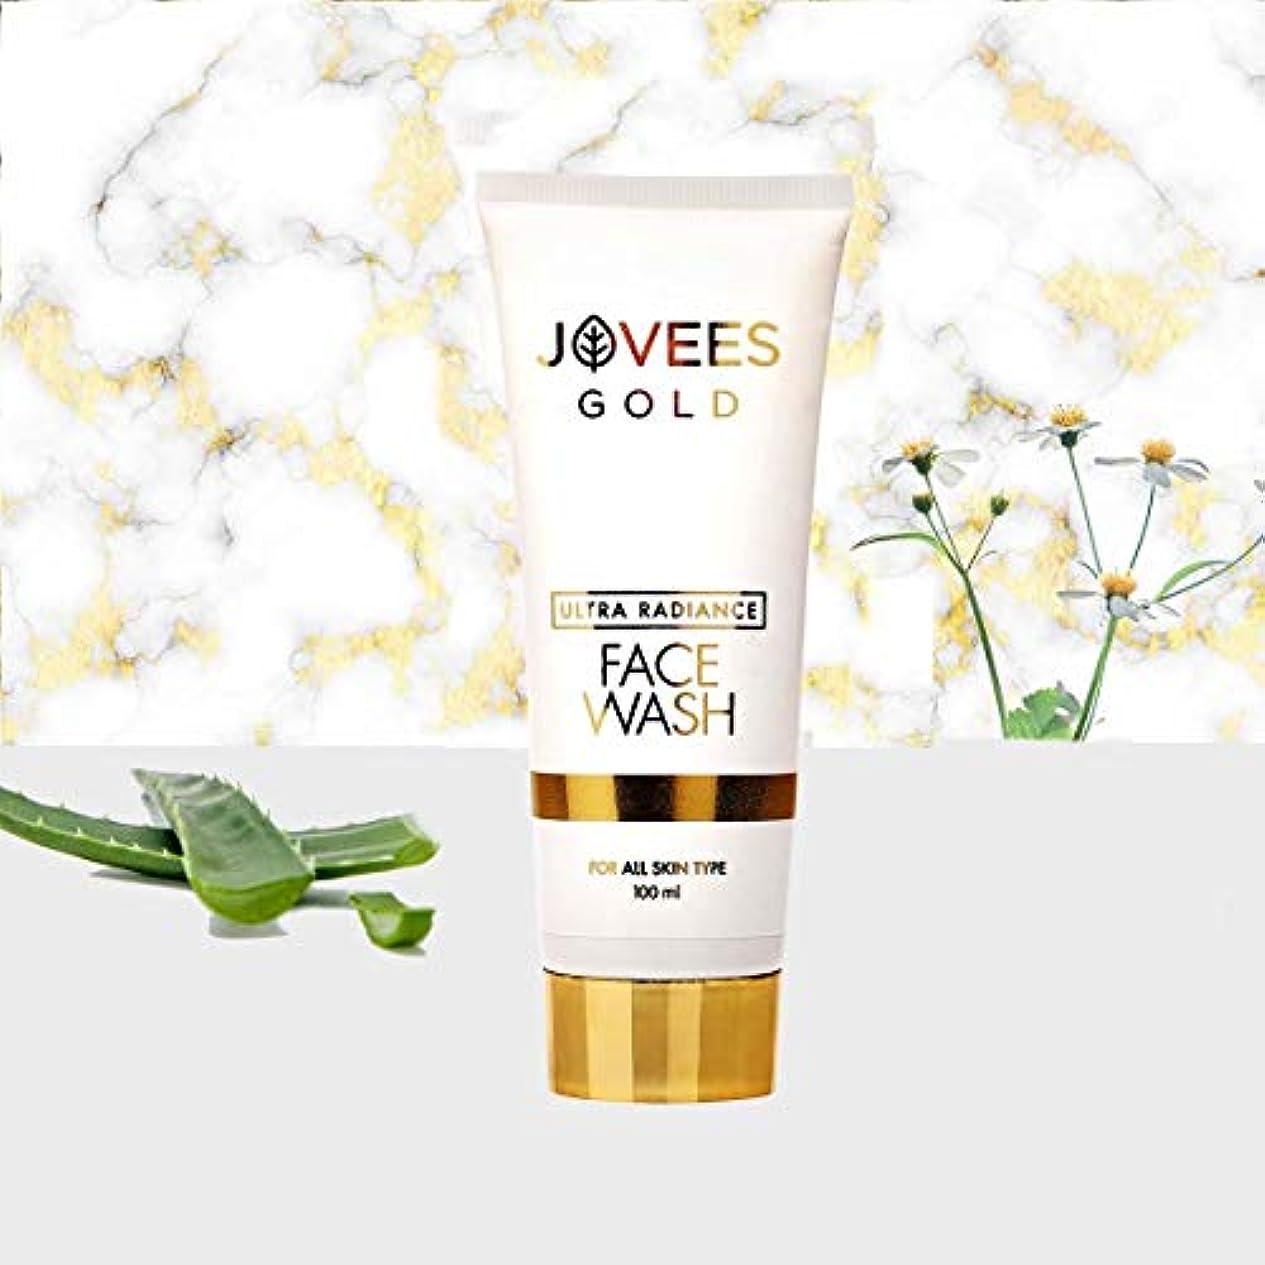 ベアリング支援前部Jovees Ultra Radiance 24K Gold Face Wash 100ml to help bring glow and radiance 輝きと輝きをもたらすのを助けるためにJovees Ultra...